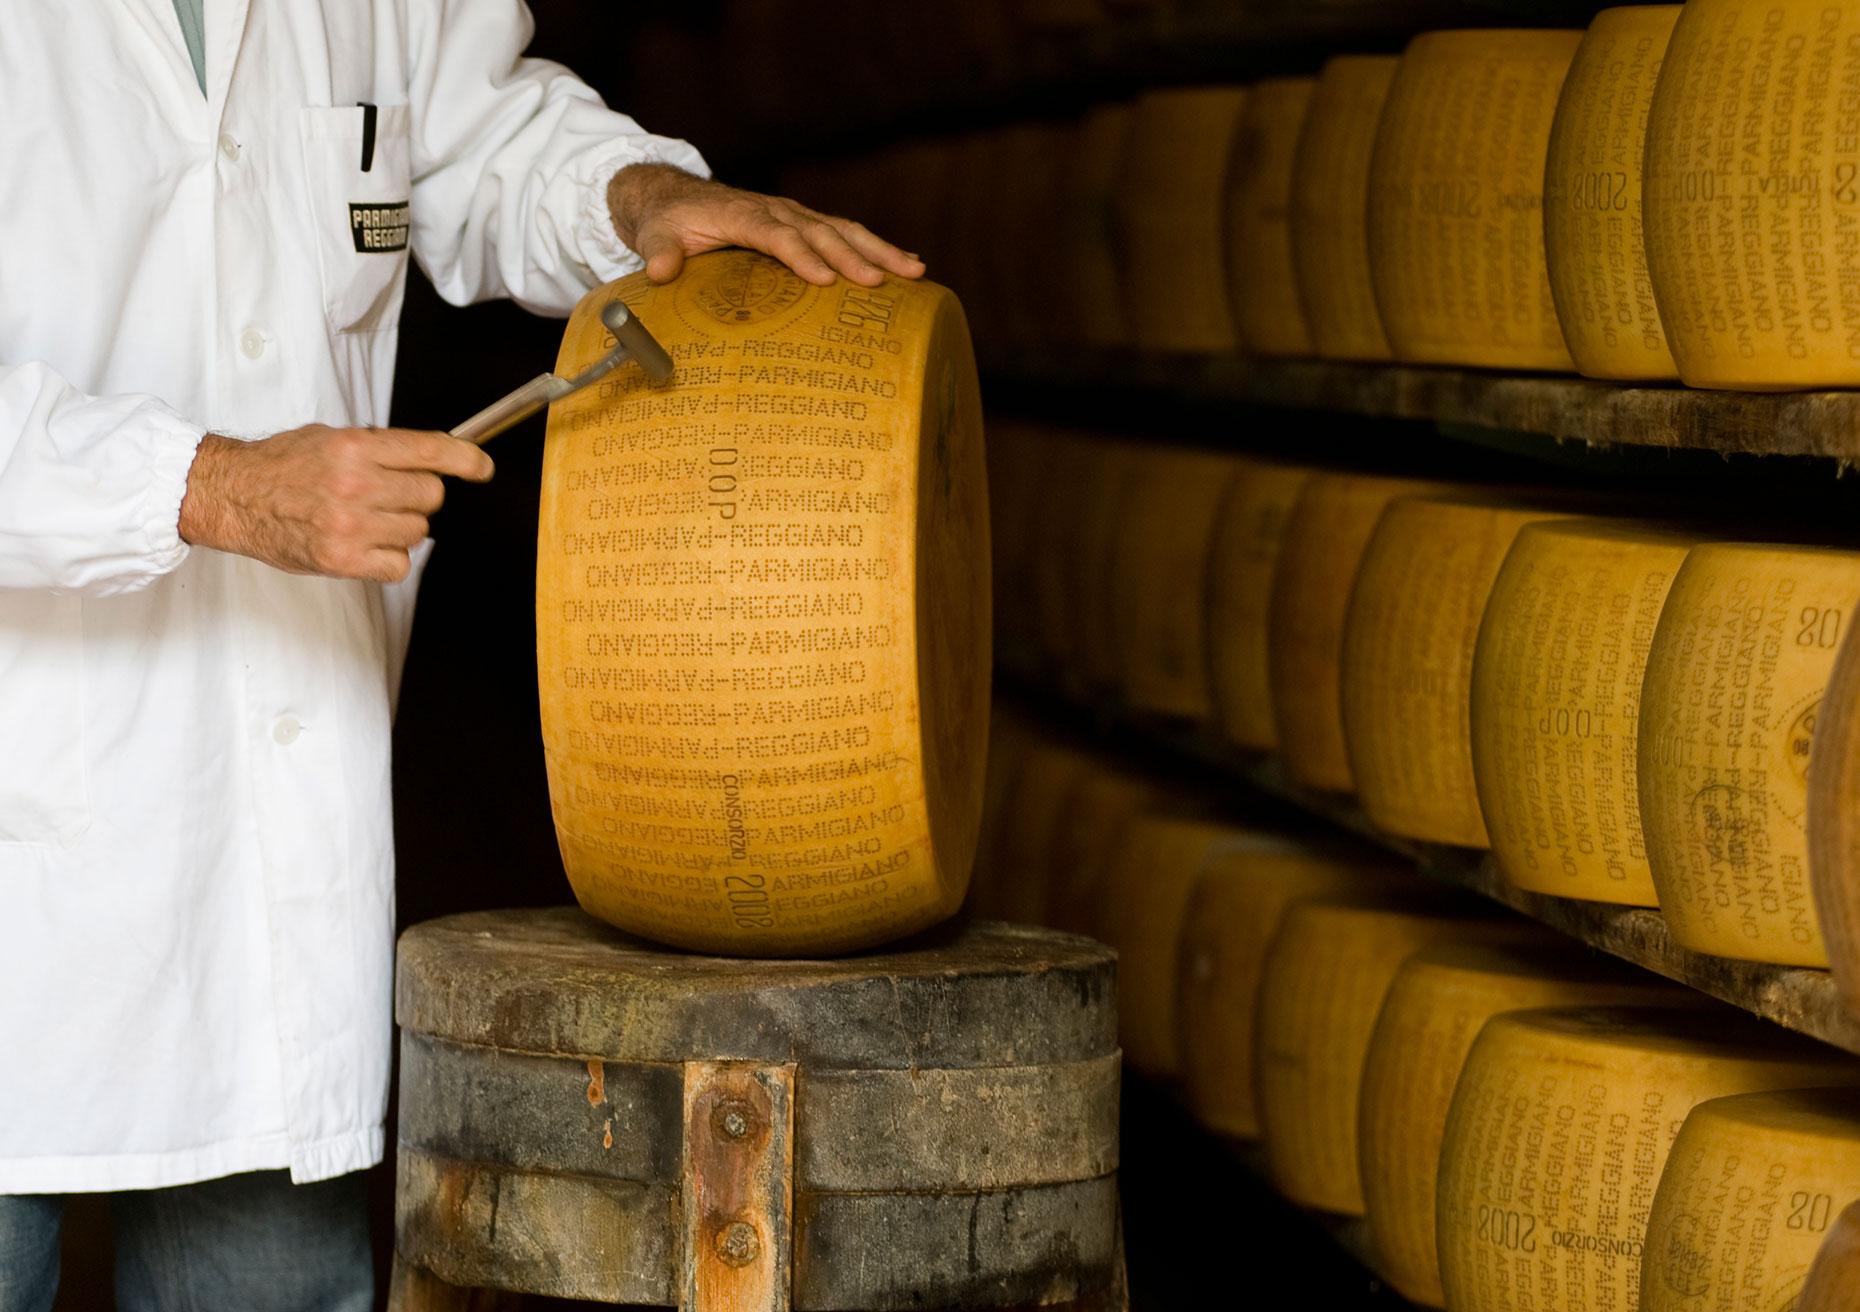 Testing Parmigiano Reggiano (Image: Courtesy of Consortium of Parmigiano Reggiano)